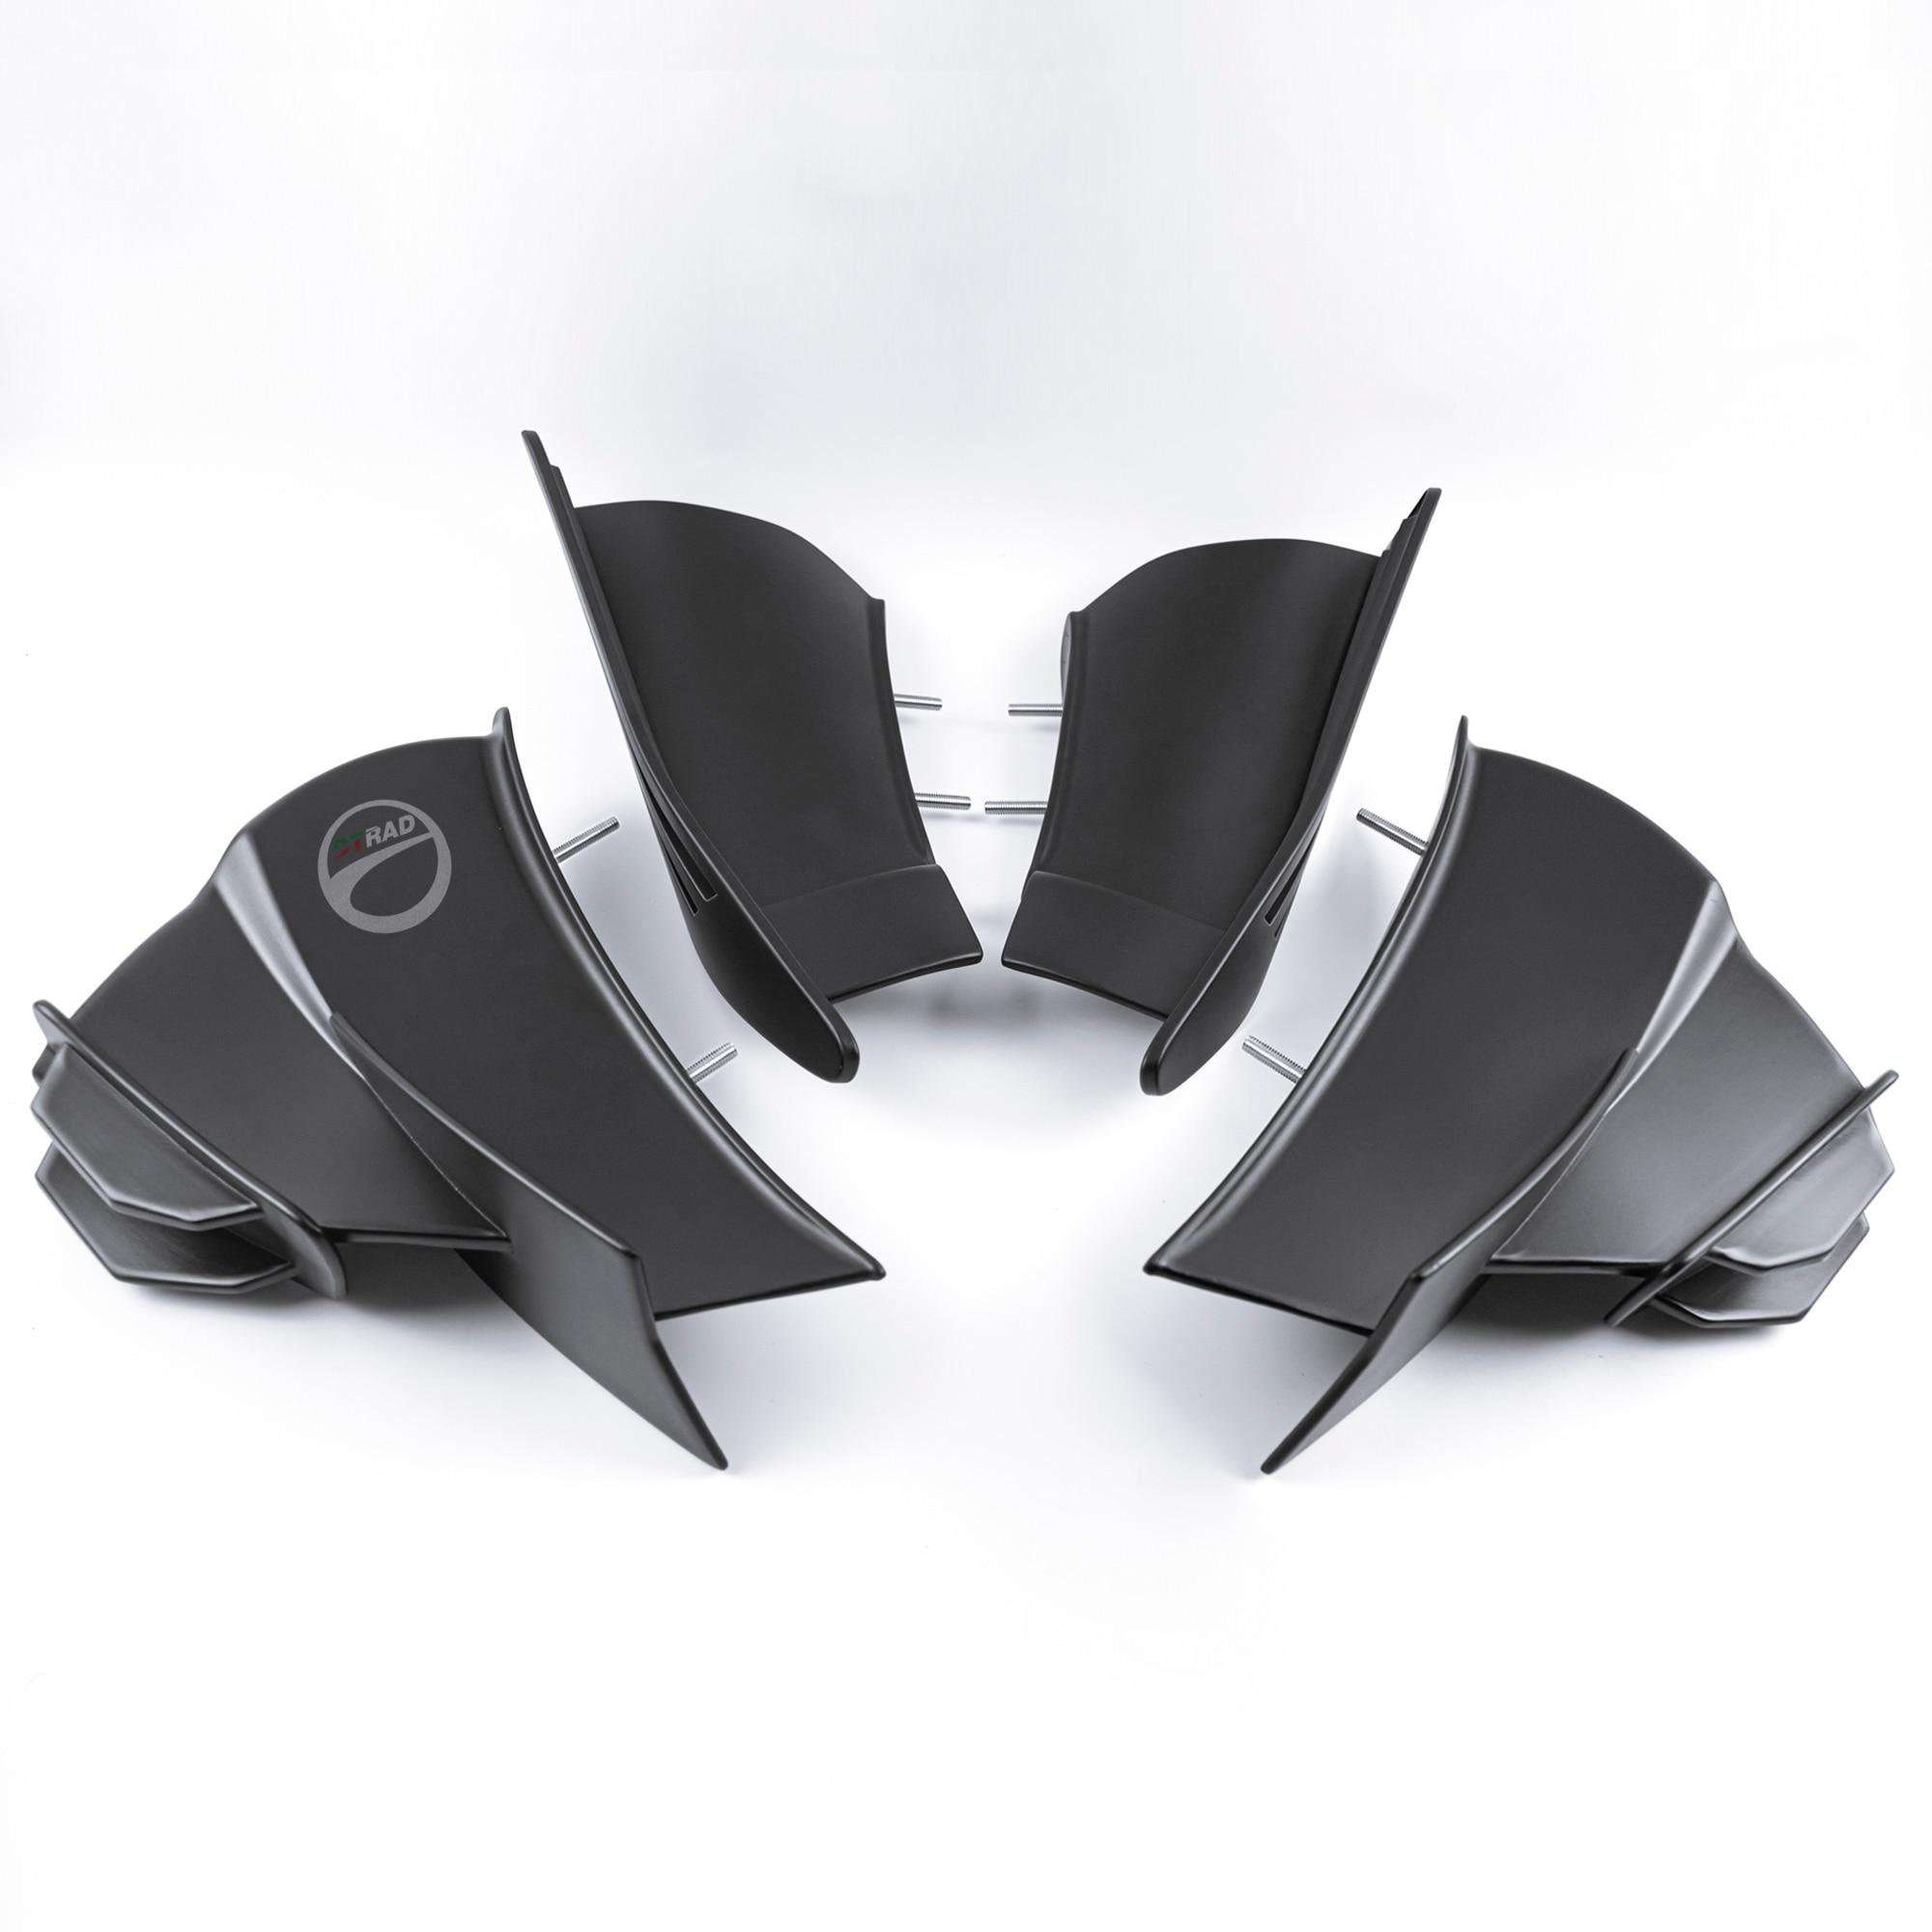 2021 جديد وينجليس عاكس الهواء صالح ABS ل DUCATI Panigale V4 2019-2021 الأصلي 1:1